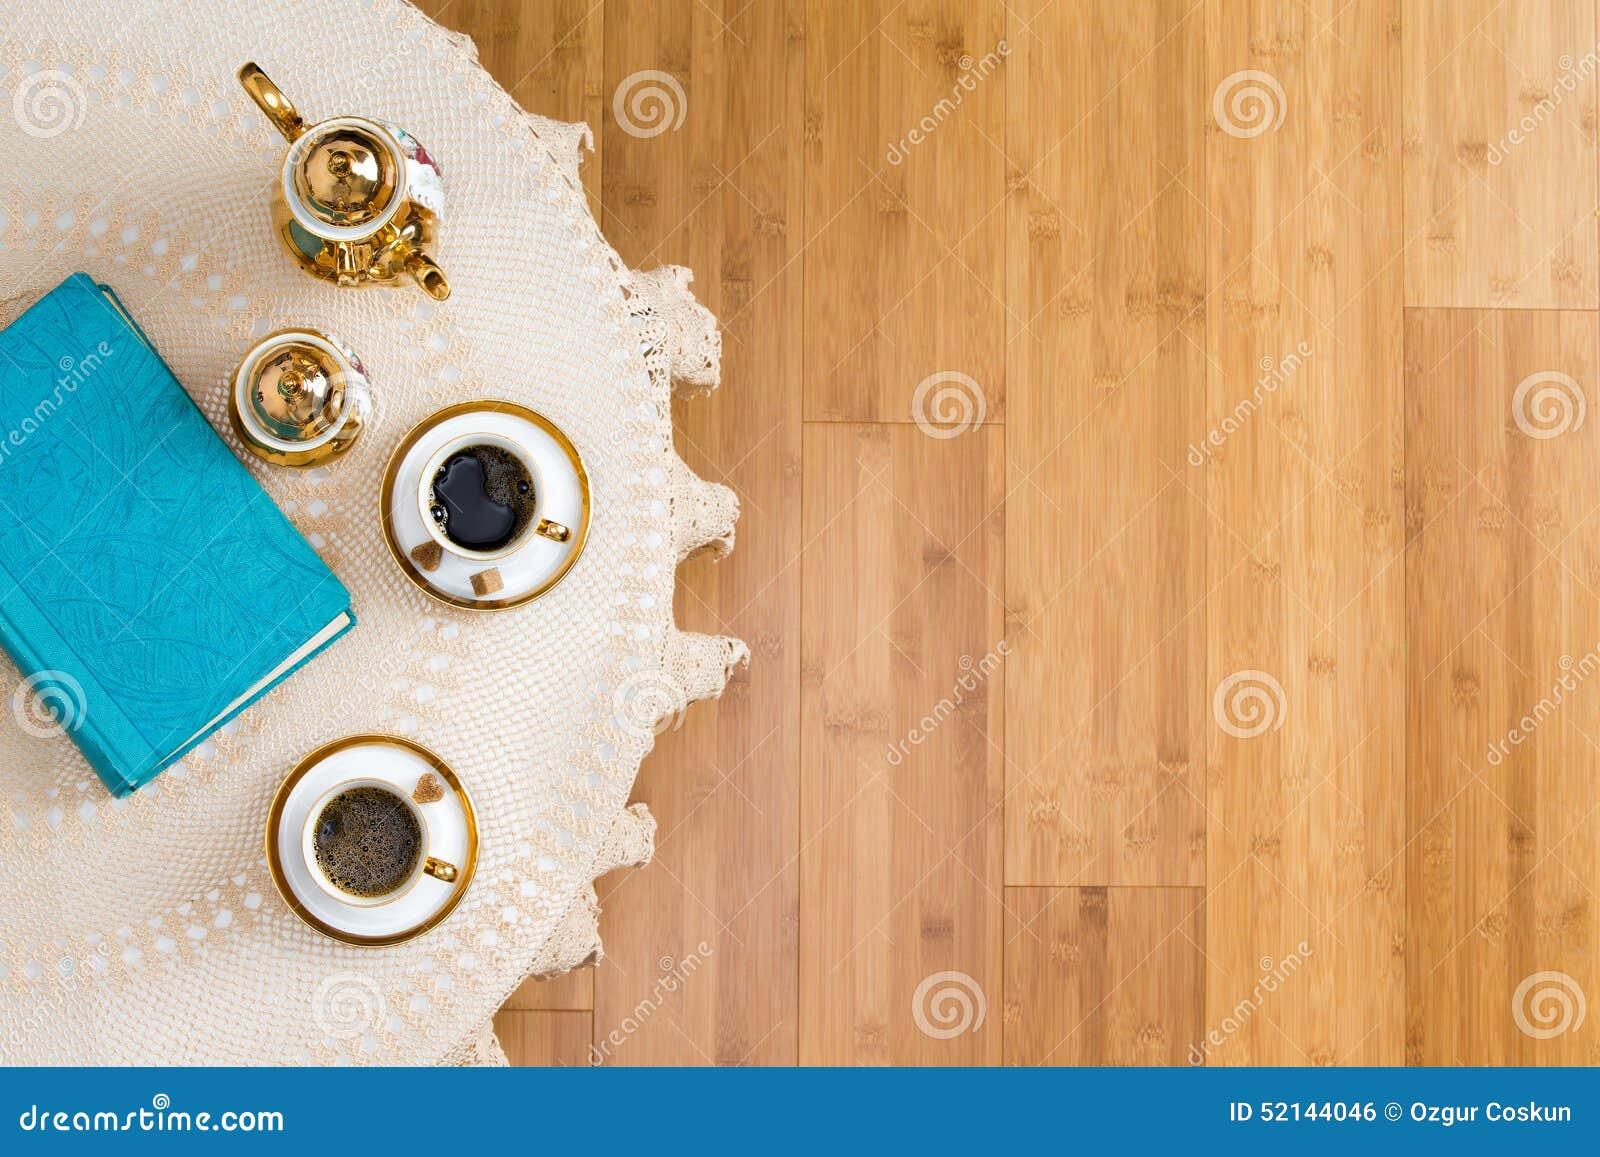 Caffè turco sulla Tabella bianca con un libro